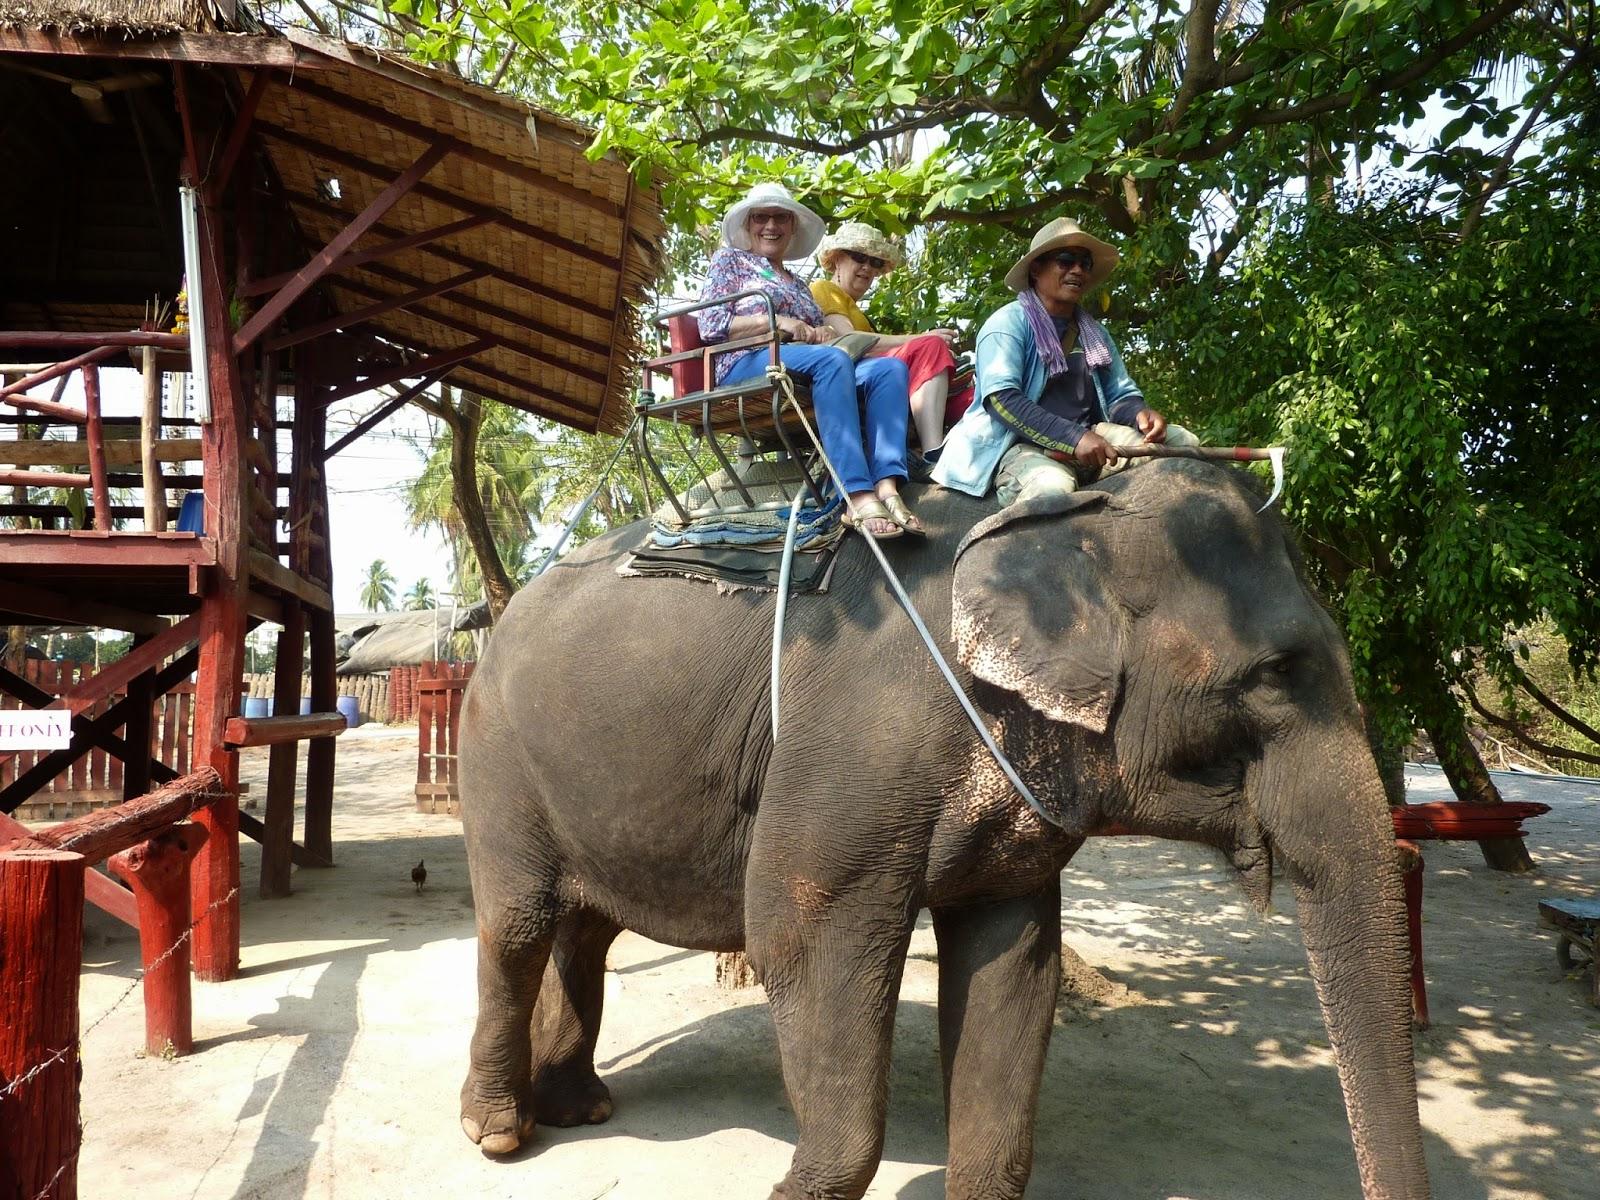 Friend visits bangkok we got wasted 8